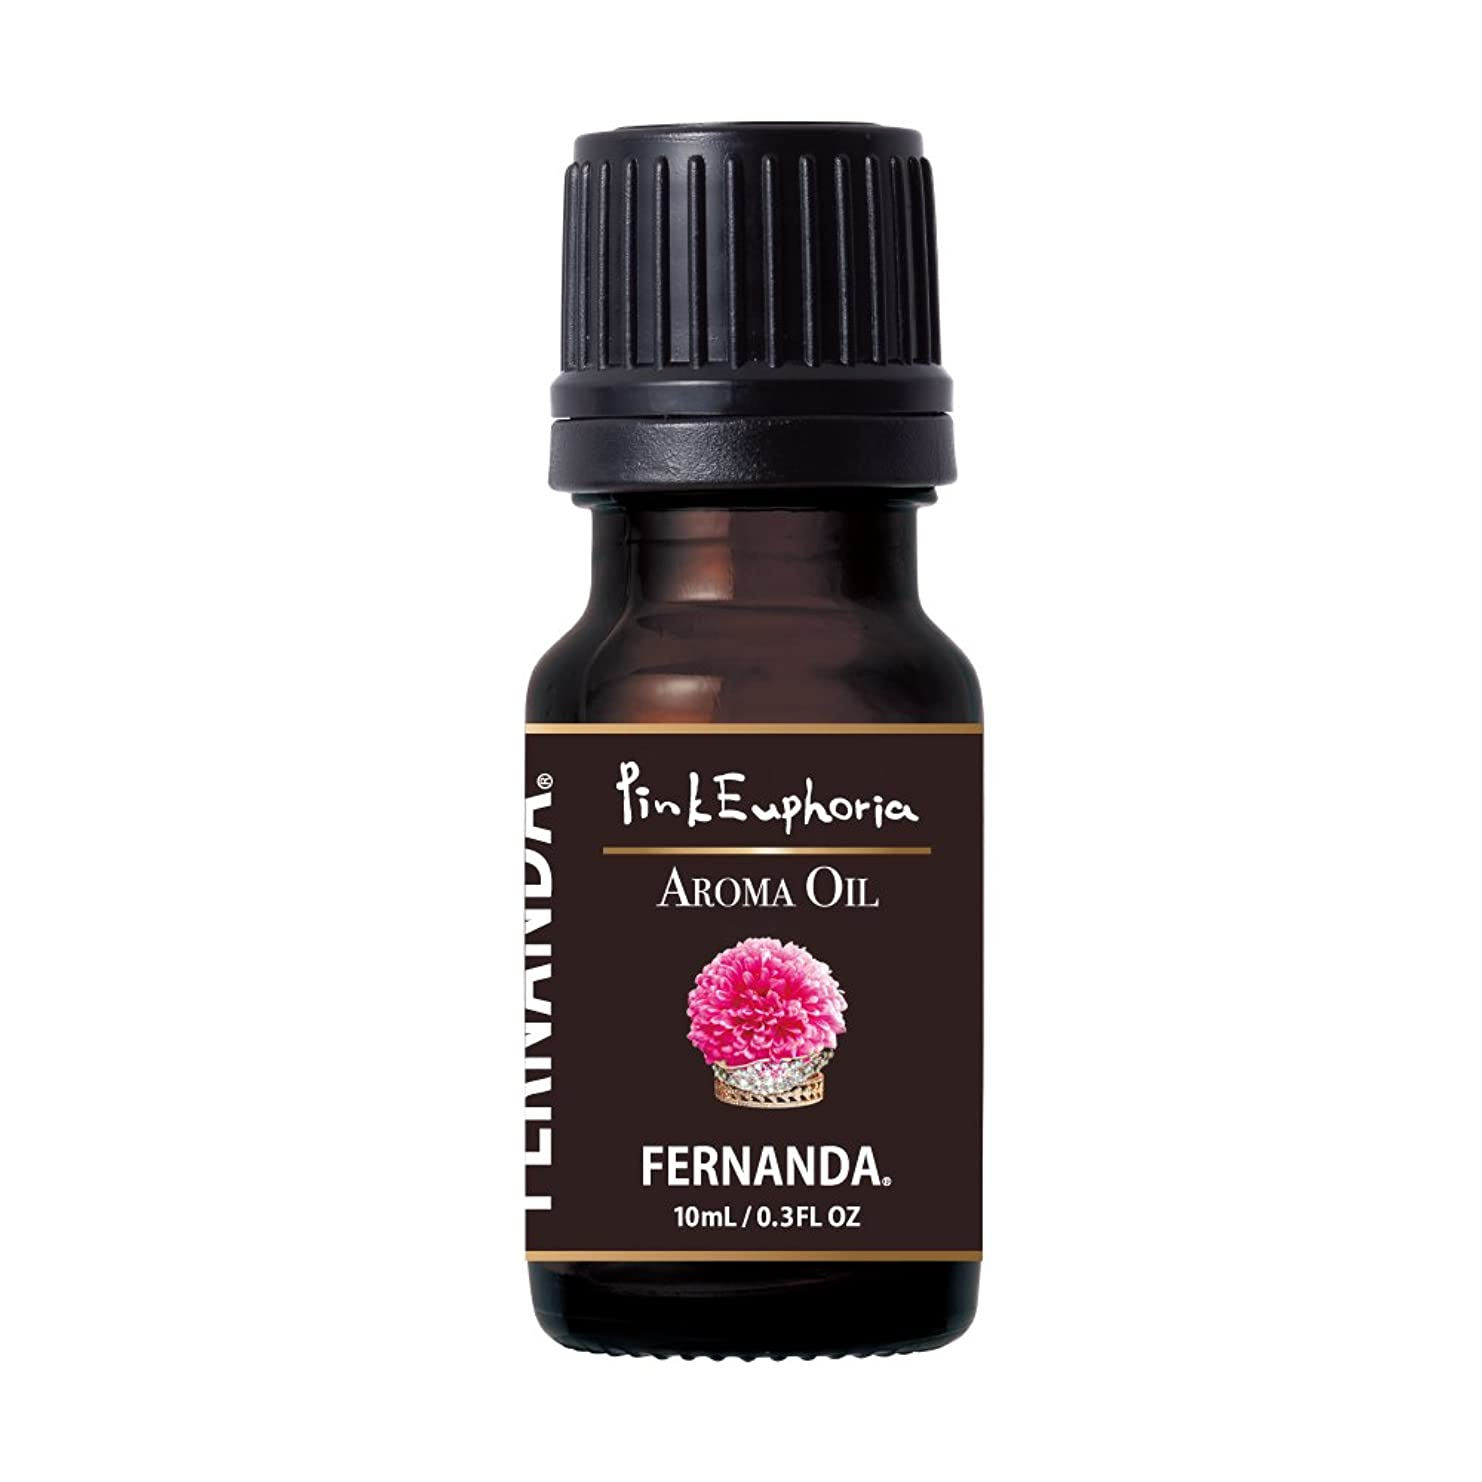 うっかり和羊の服を着た狼FERNANDA(フェルナンダ) Fragrance Aroma Oil Pink Euphoria (アロマオイル ピンクエウフォリア)